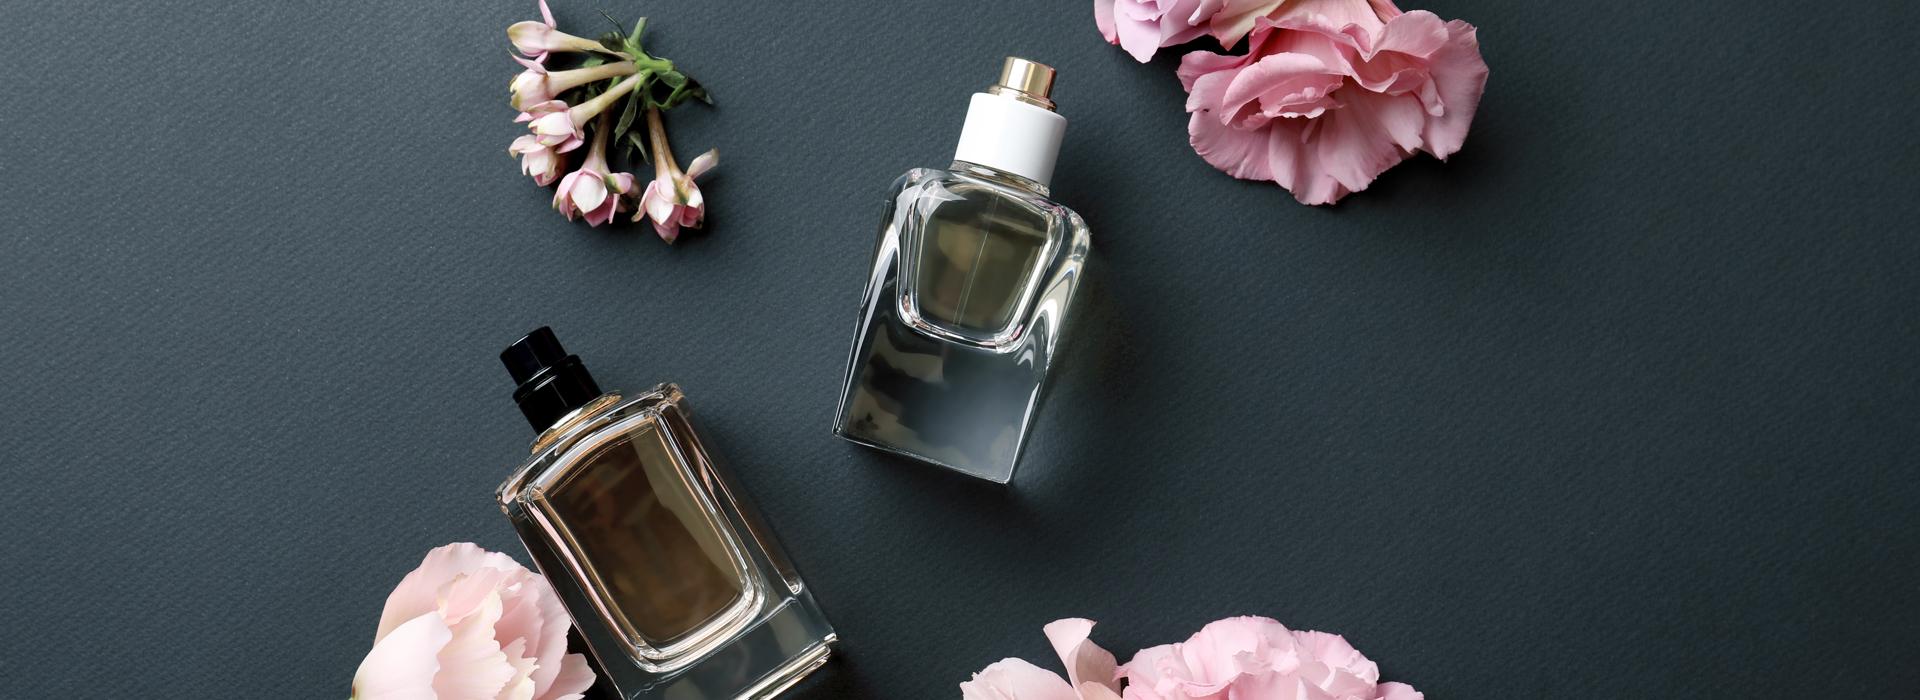 把生命中美好的片刻,濃縮進有著記憶中味道的香水裡。這個法國女人賣的不是香水,而是回憶